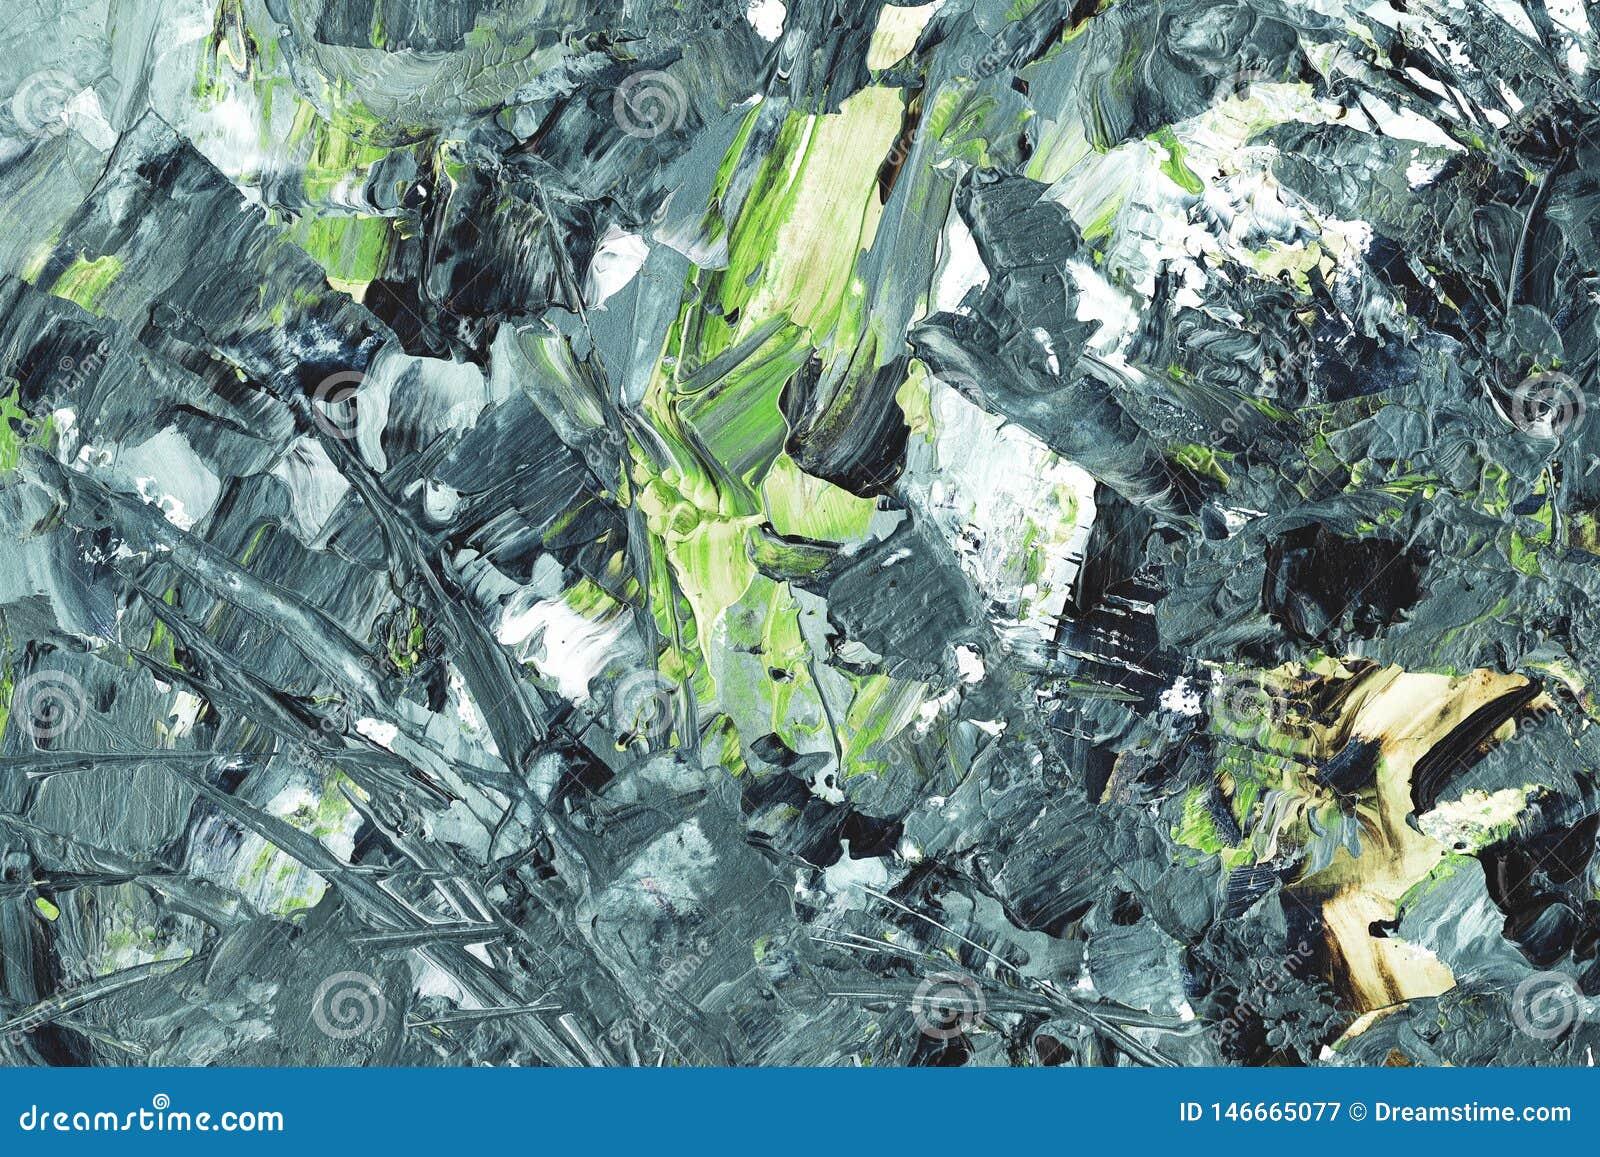 Abstracte achtergrond, grijze en groene elementen